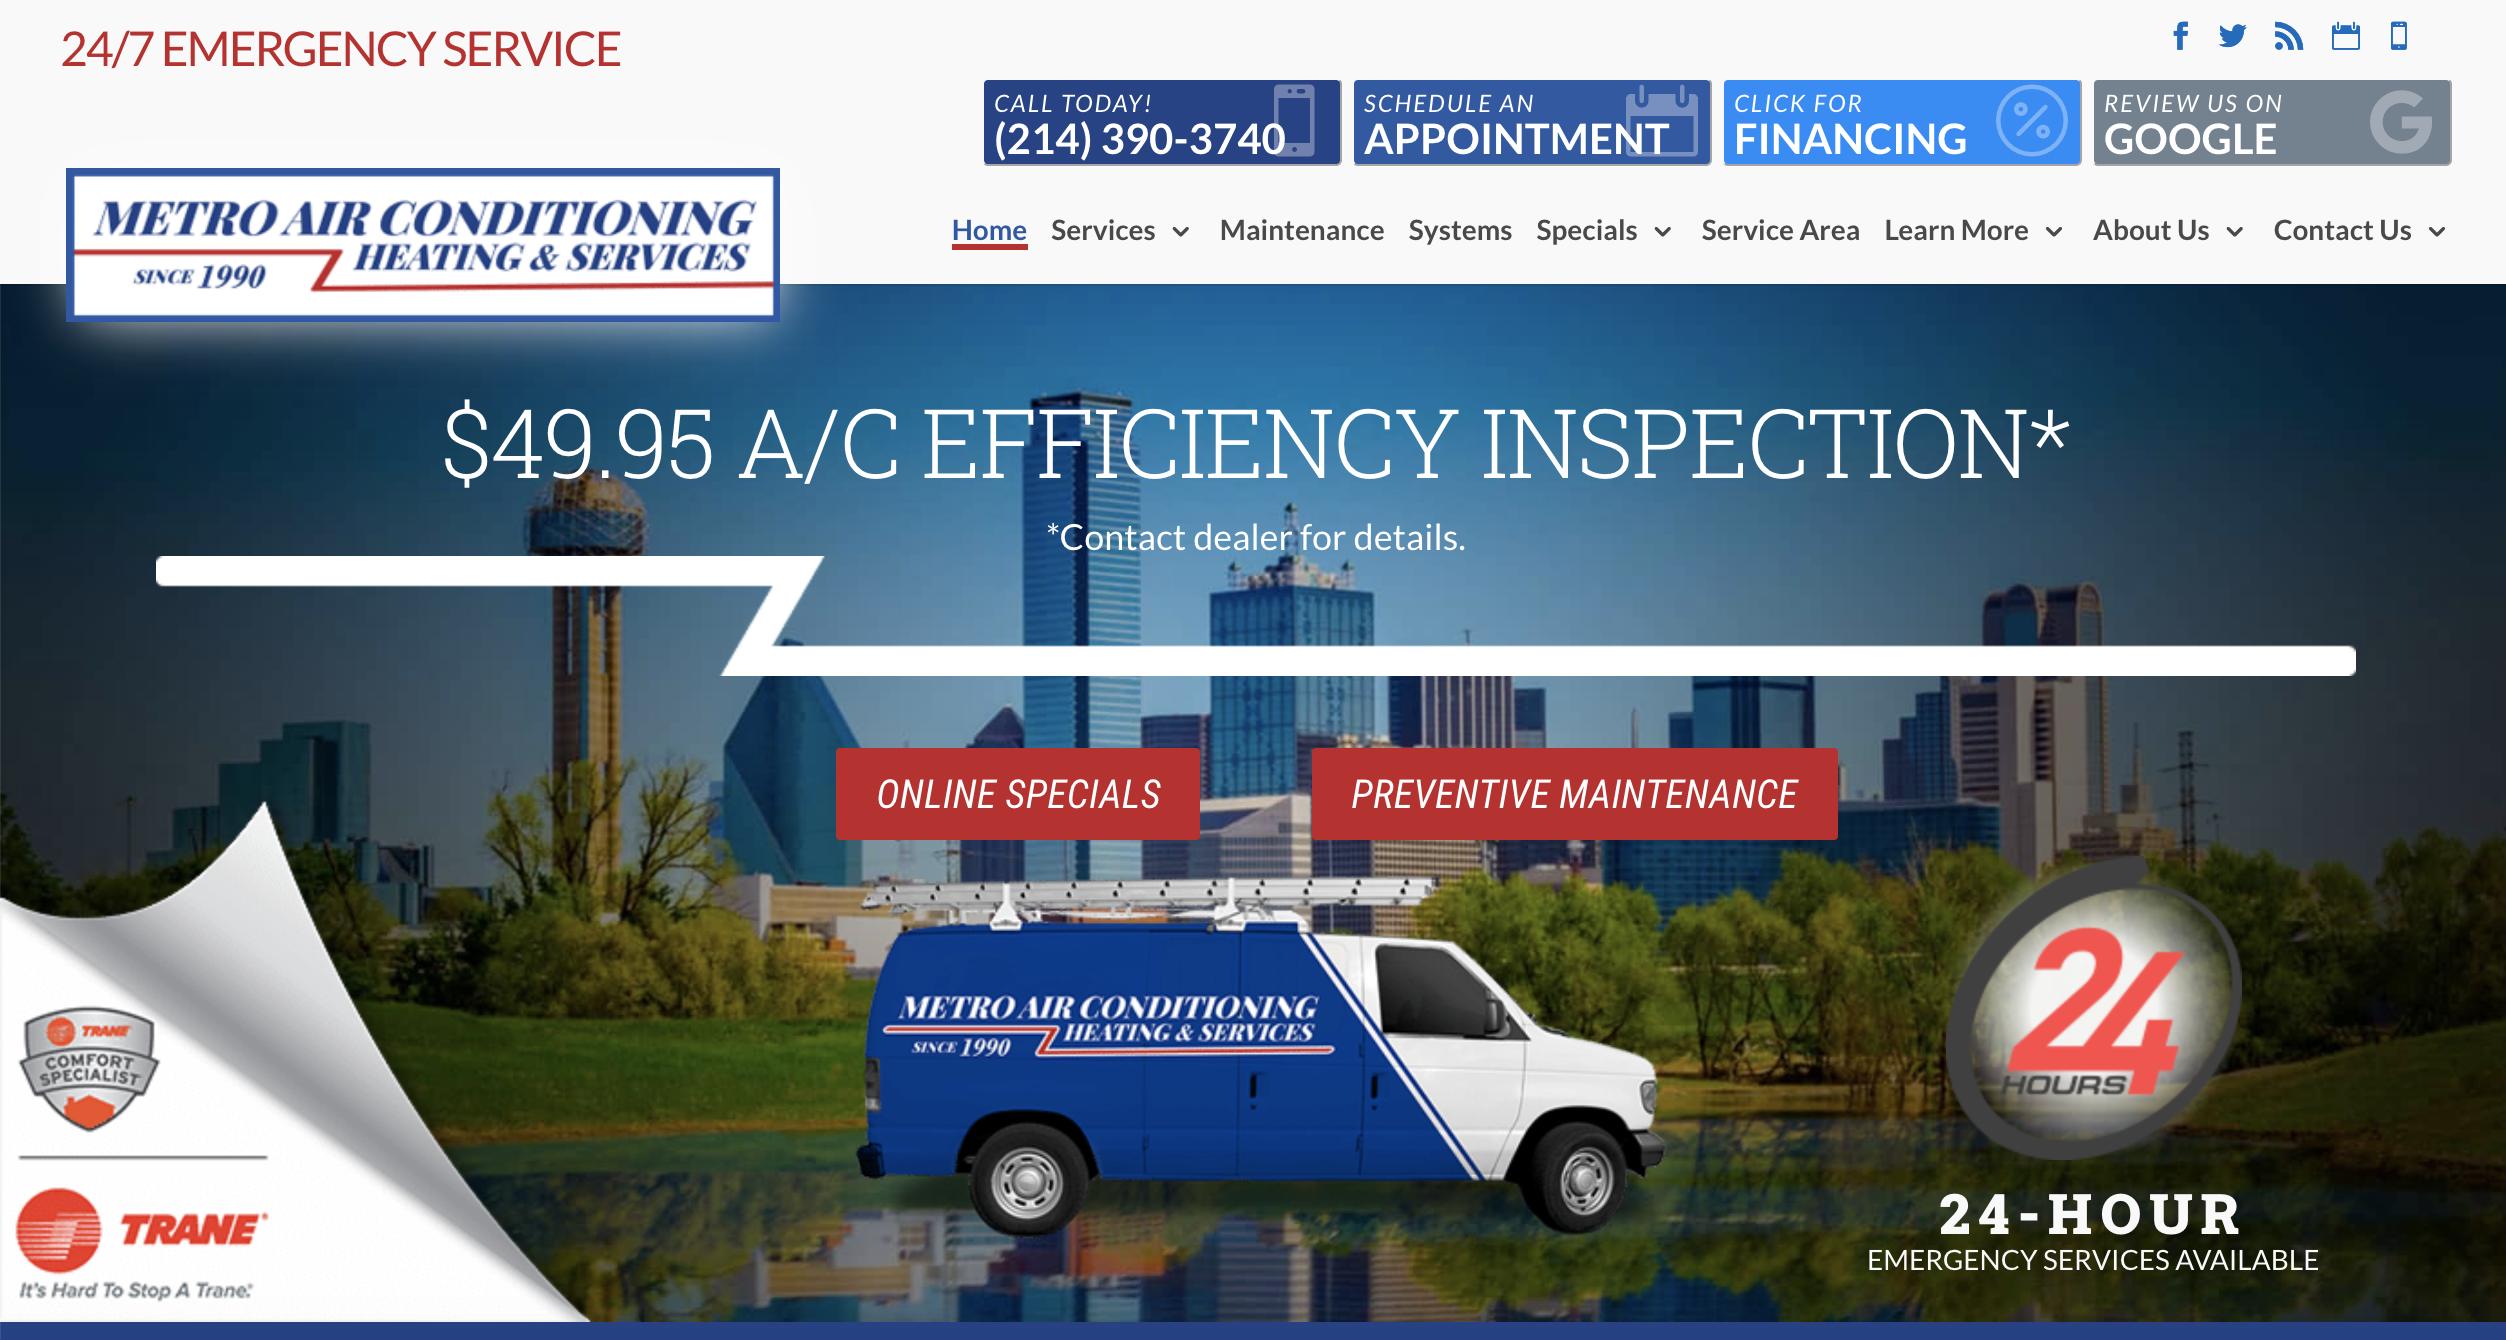 Metro Air Conditioning Website Design Inspiration